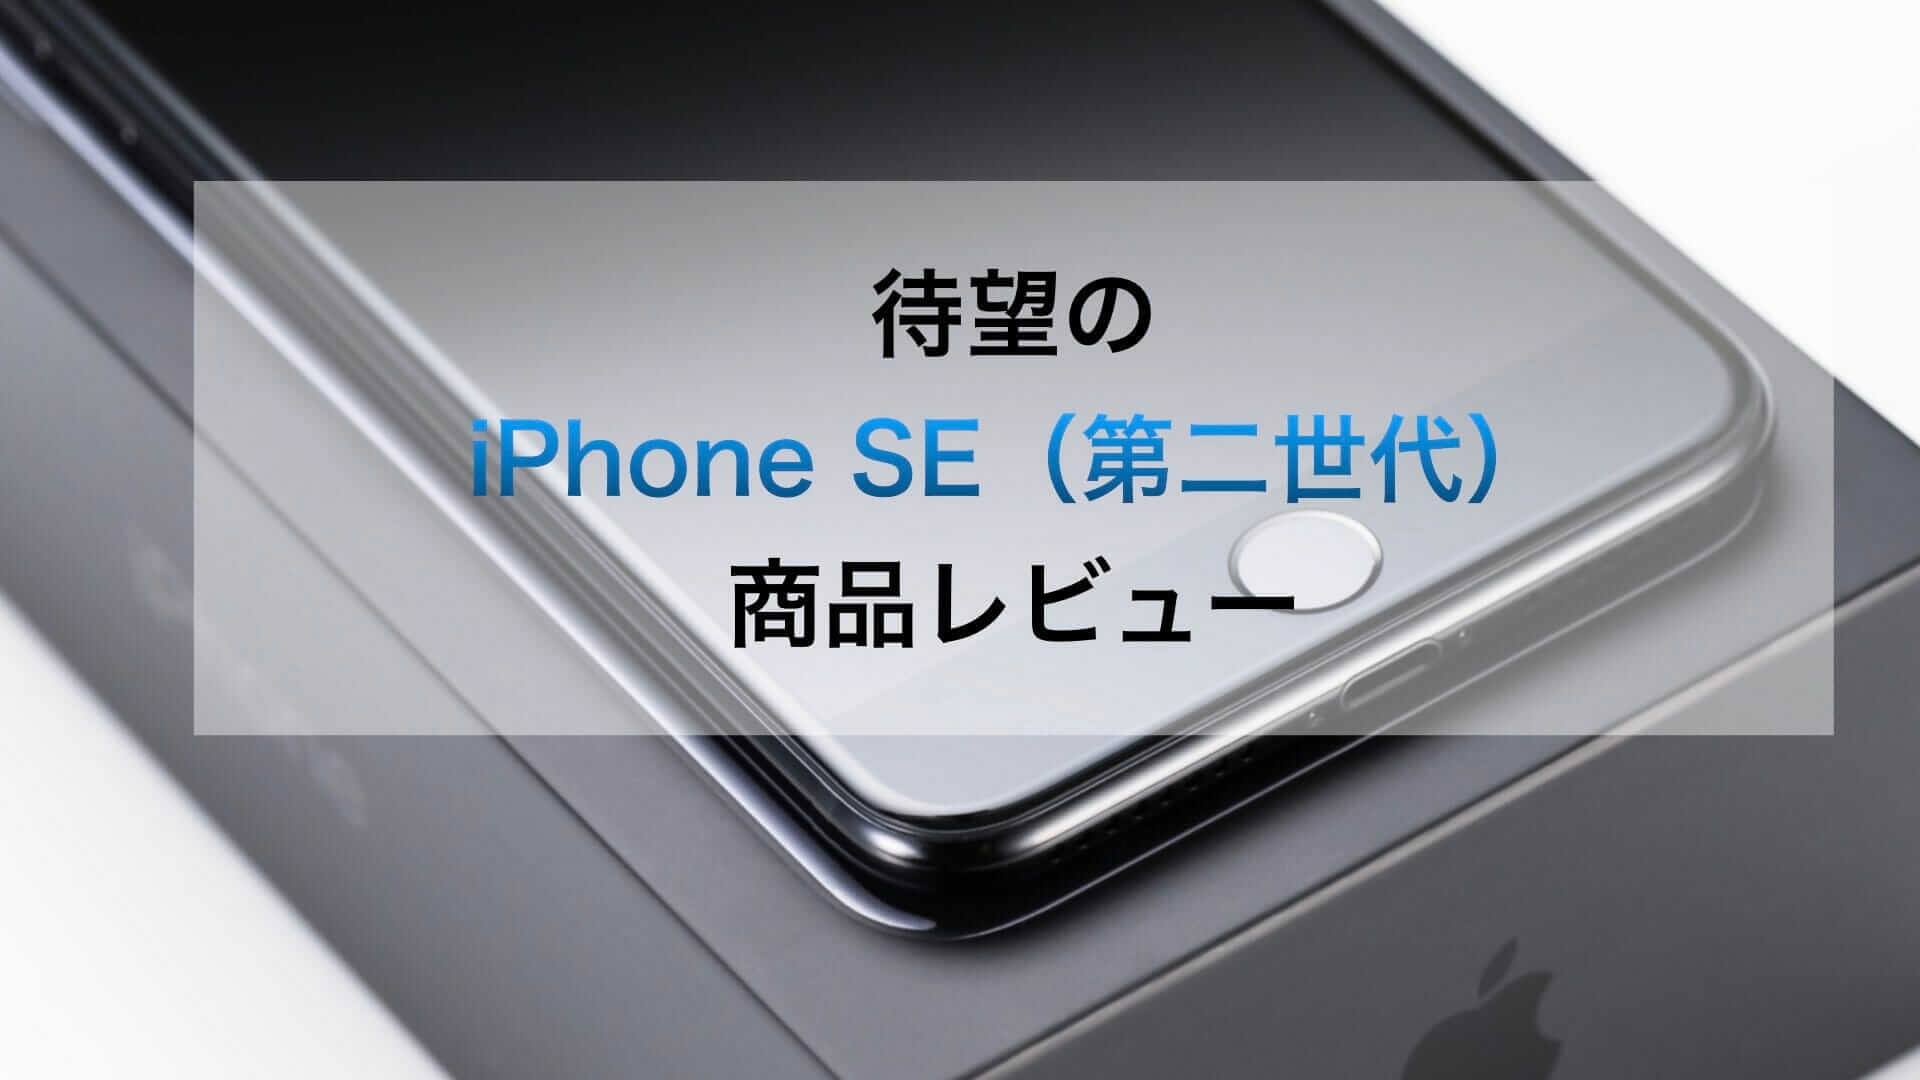 新型iPhone SE レビュー:高コスパと安定感で概ね満足。画面浮き問題だけ要注意。